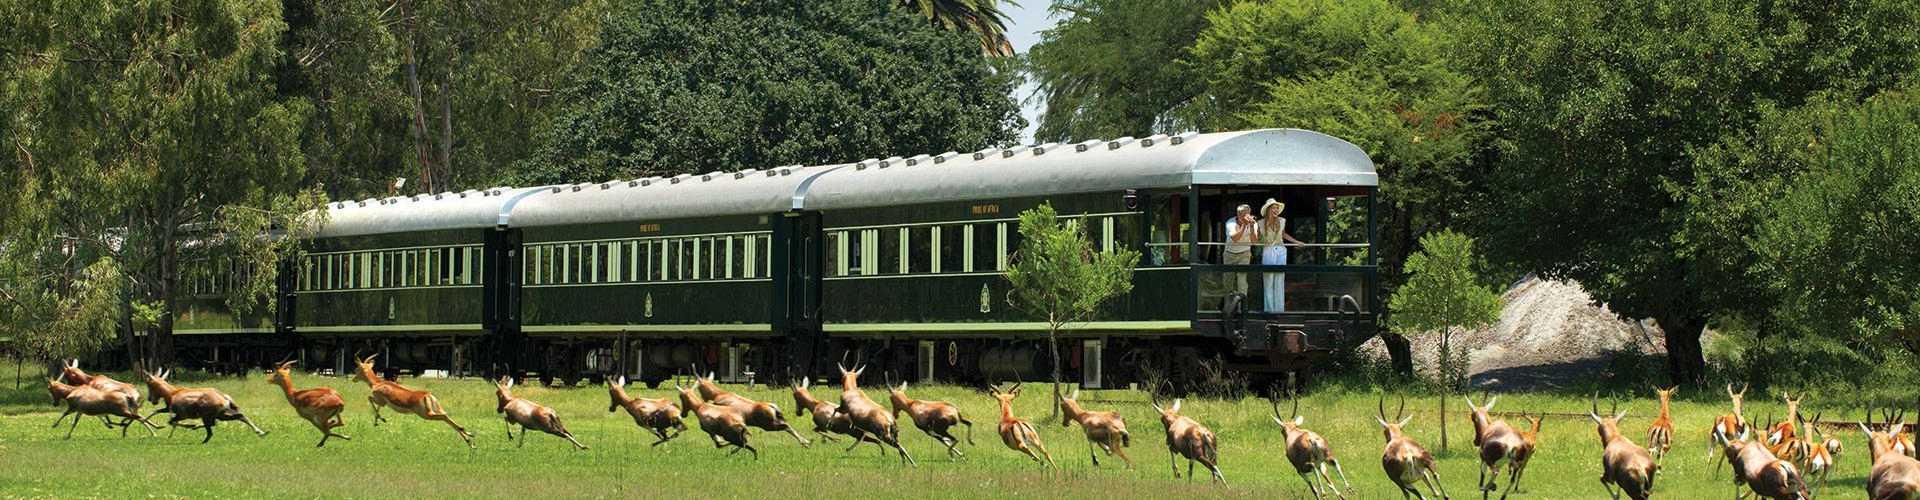 ROVOS RAIL, Safari auf Schienen in Südafrika